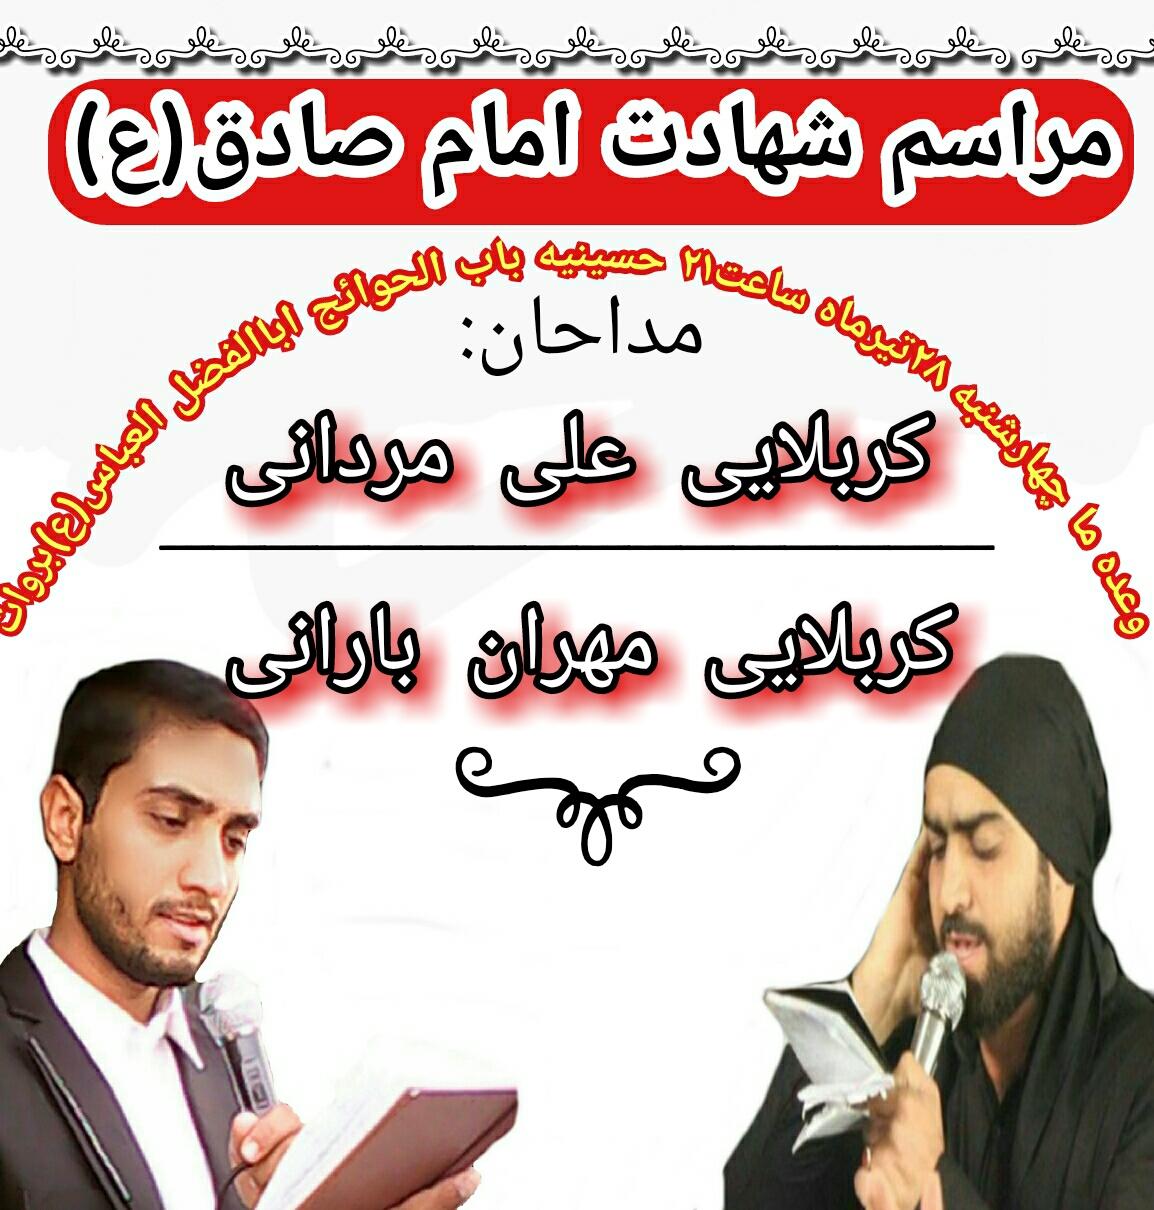 مداحان استان کرمان.ذاکرین استان کرمان  مادحین شهرستان بم مراسم شهادت امام صادق.مهران بارانی علی مردانی